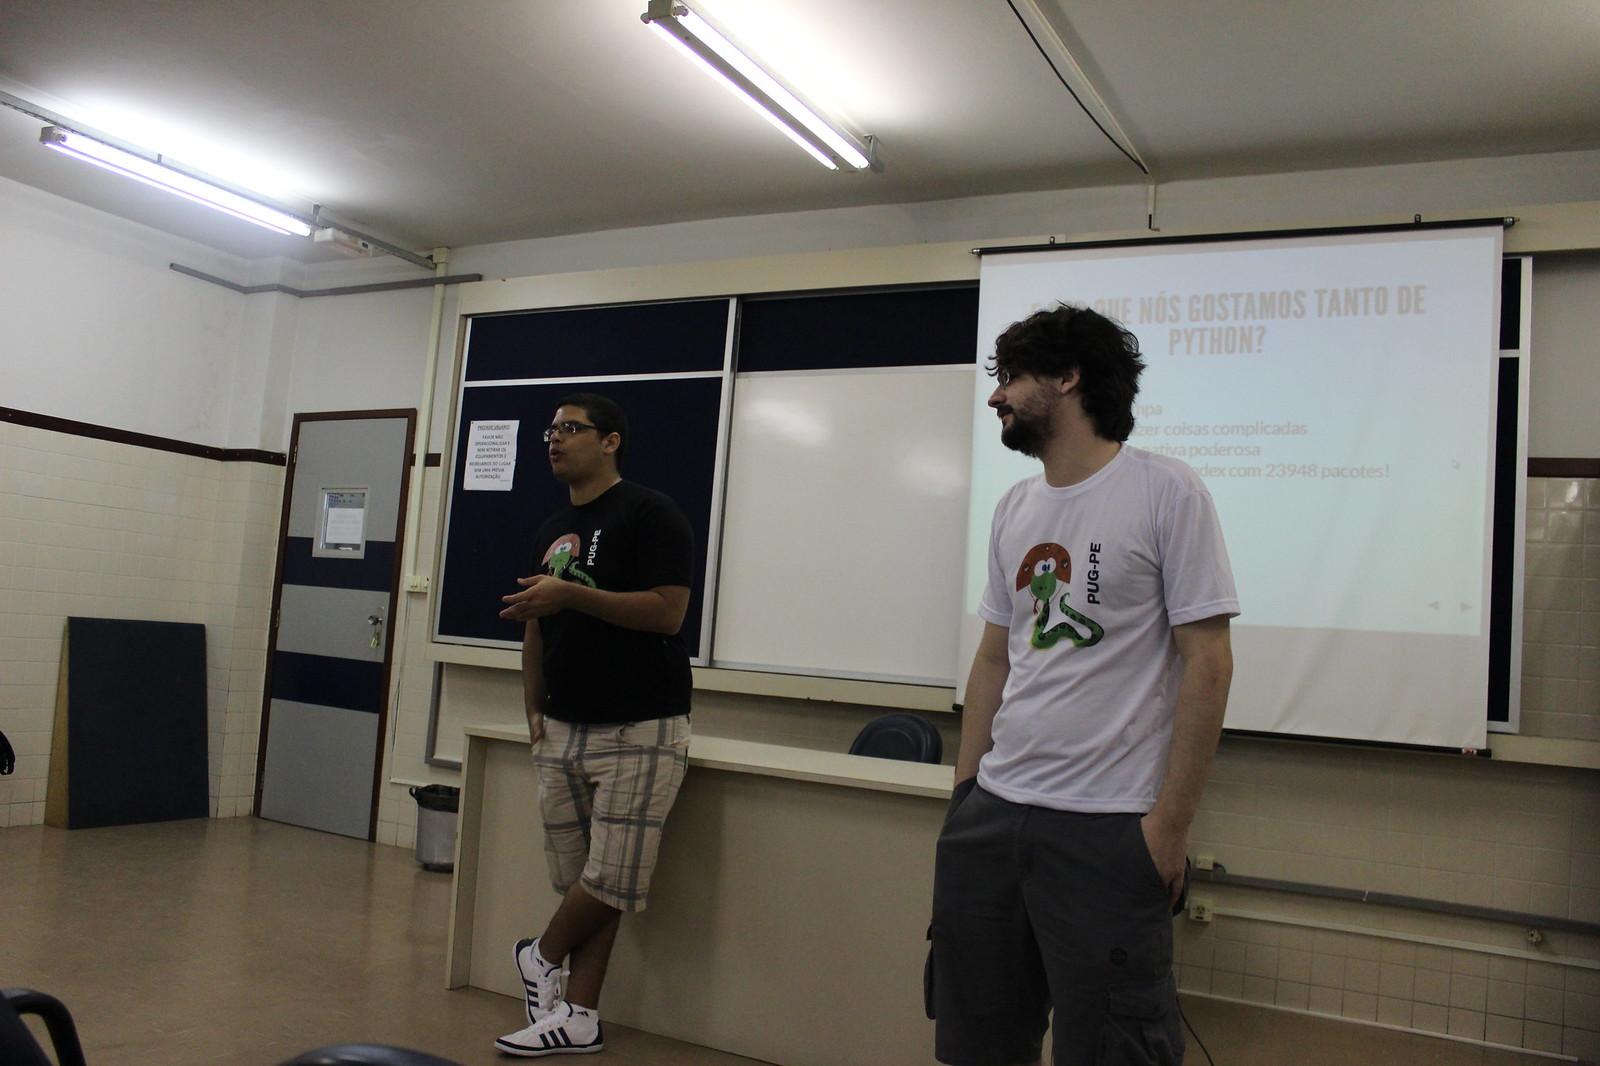 Apresentação sobre o PUG-PE por Fernando e Renato